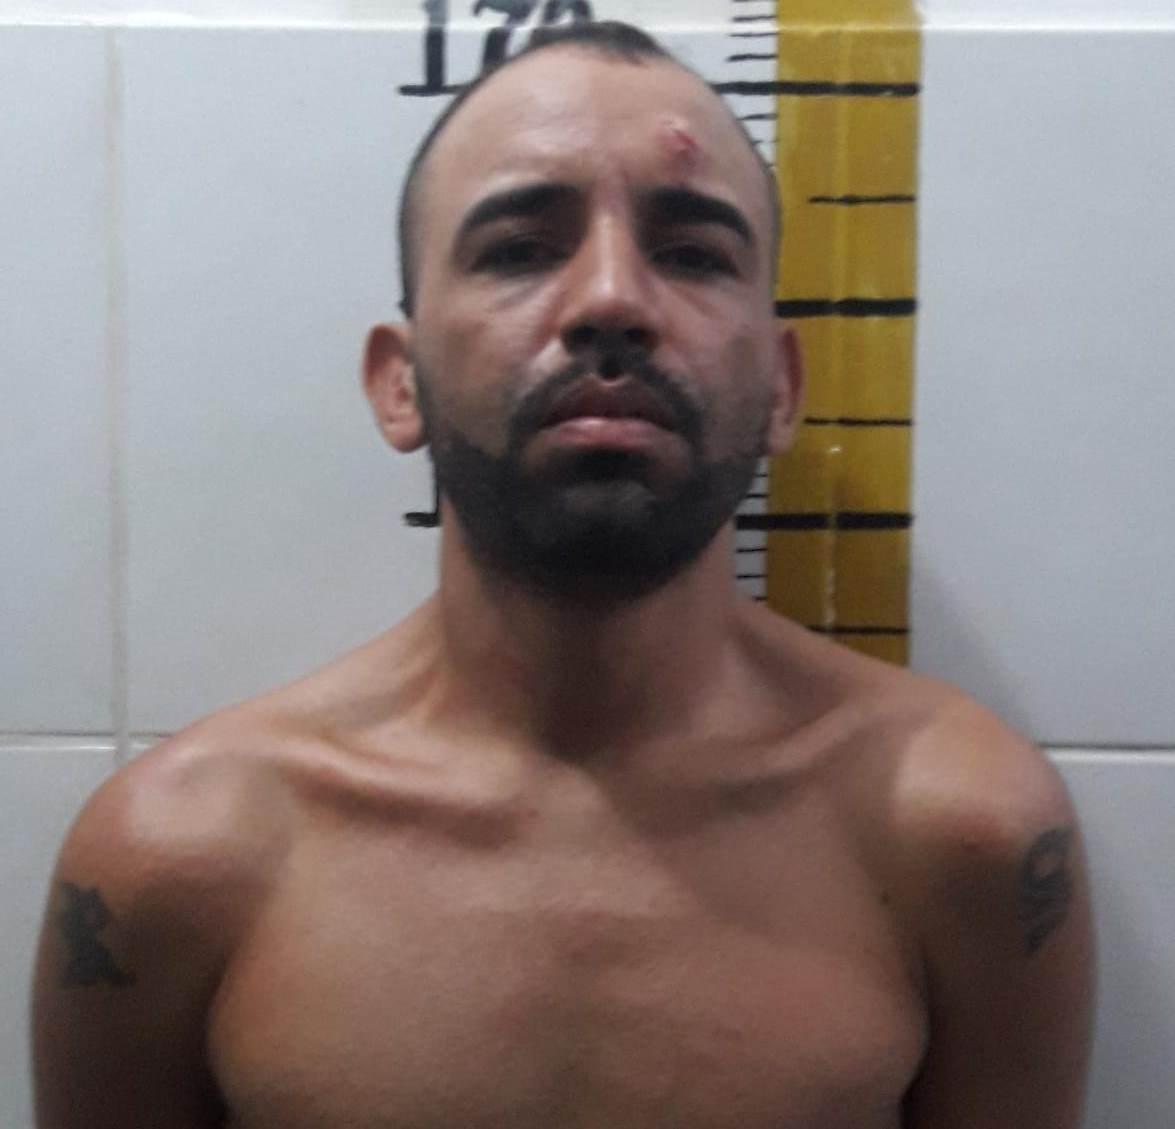 Após cometer assalto contra posto de combustíveis junto com comparsa, homem de 29 anos acaba preso pela policia militar, em Juazeiro